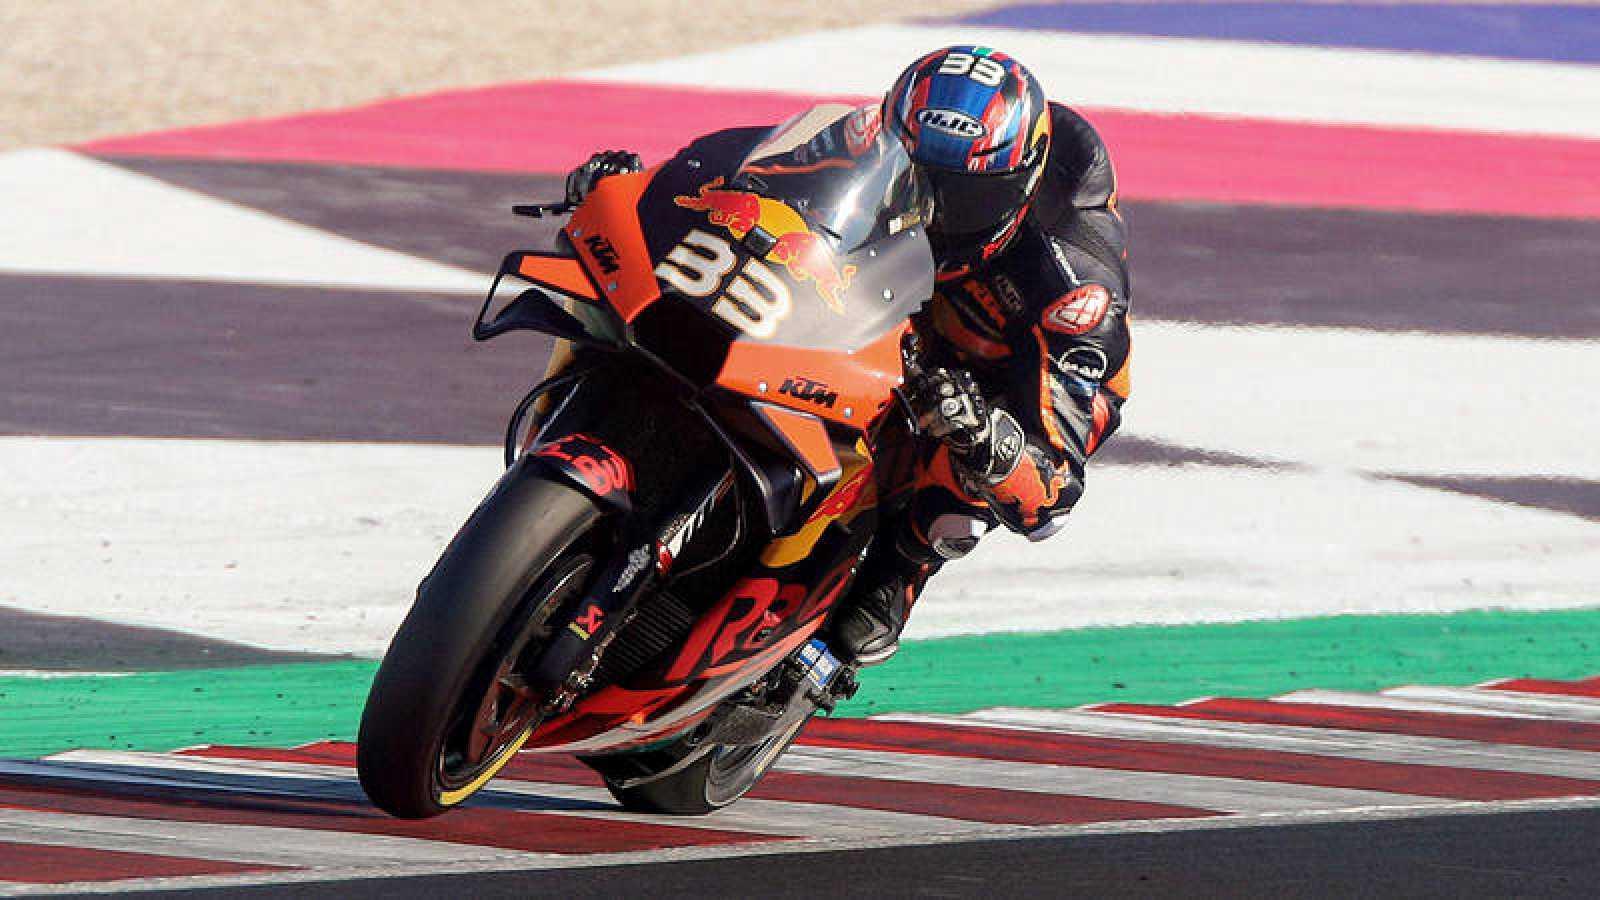 El sudafricano Brad Binder, en los entrenamientos del GP de Emilia Romagna.